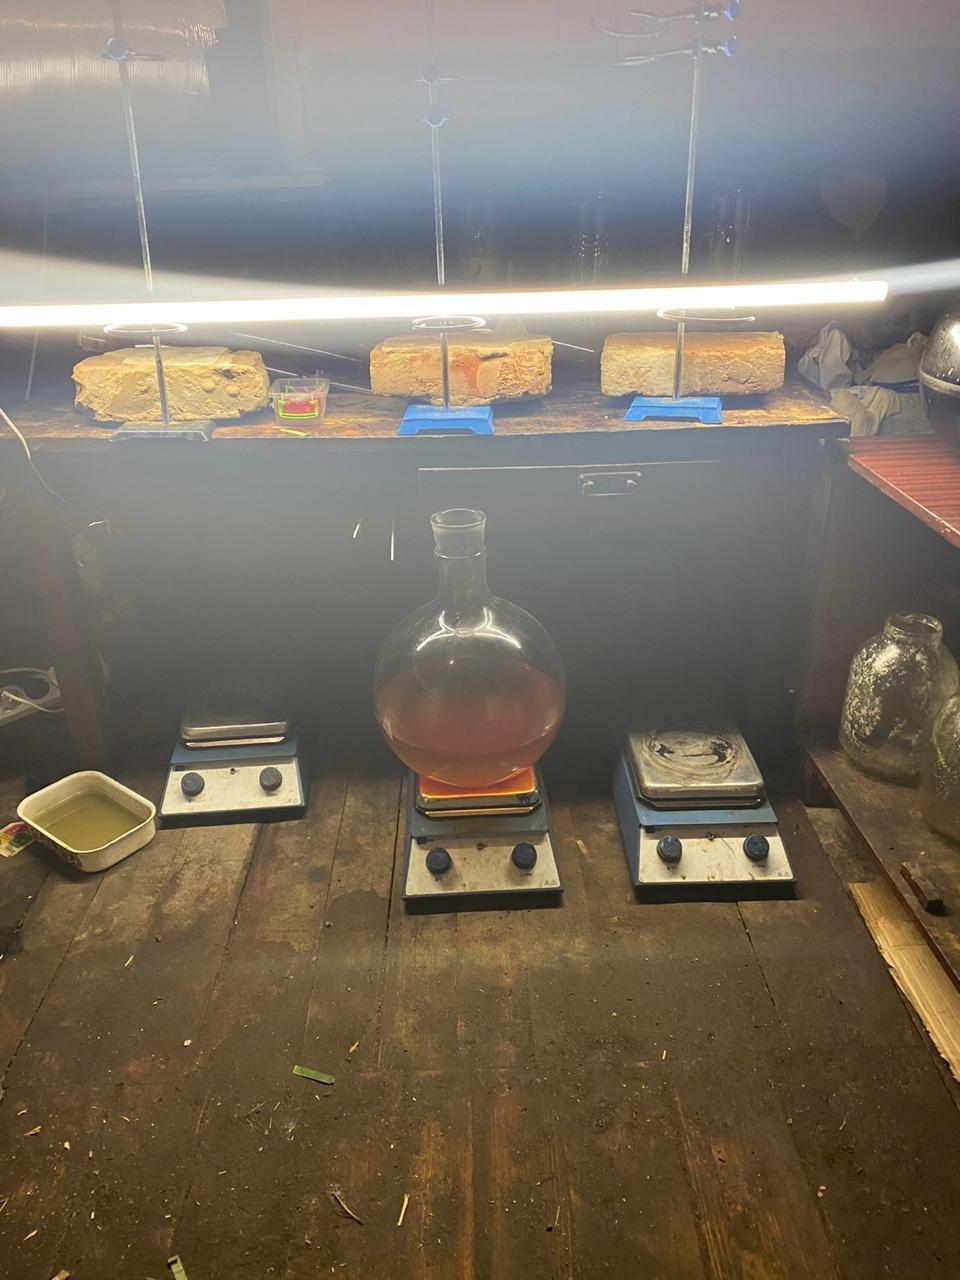 На Харьковщине двое местных жителей в доме готовили наркотики и хранили полтора килограмма «психотропов», - ФОТО  , фото-1